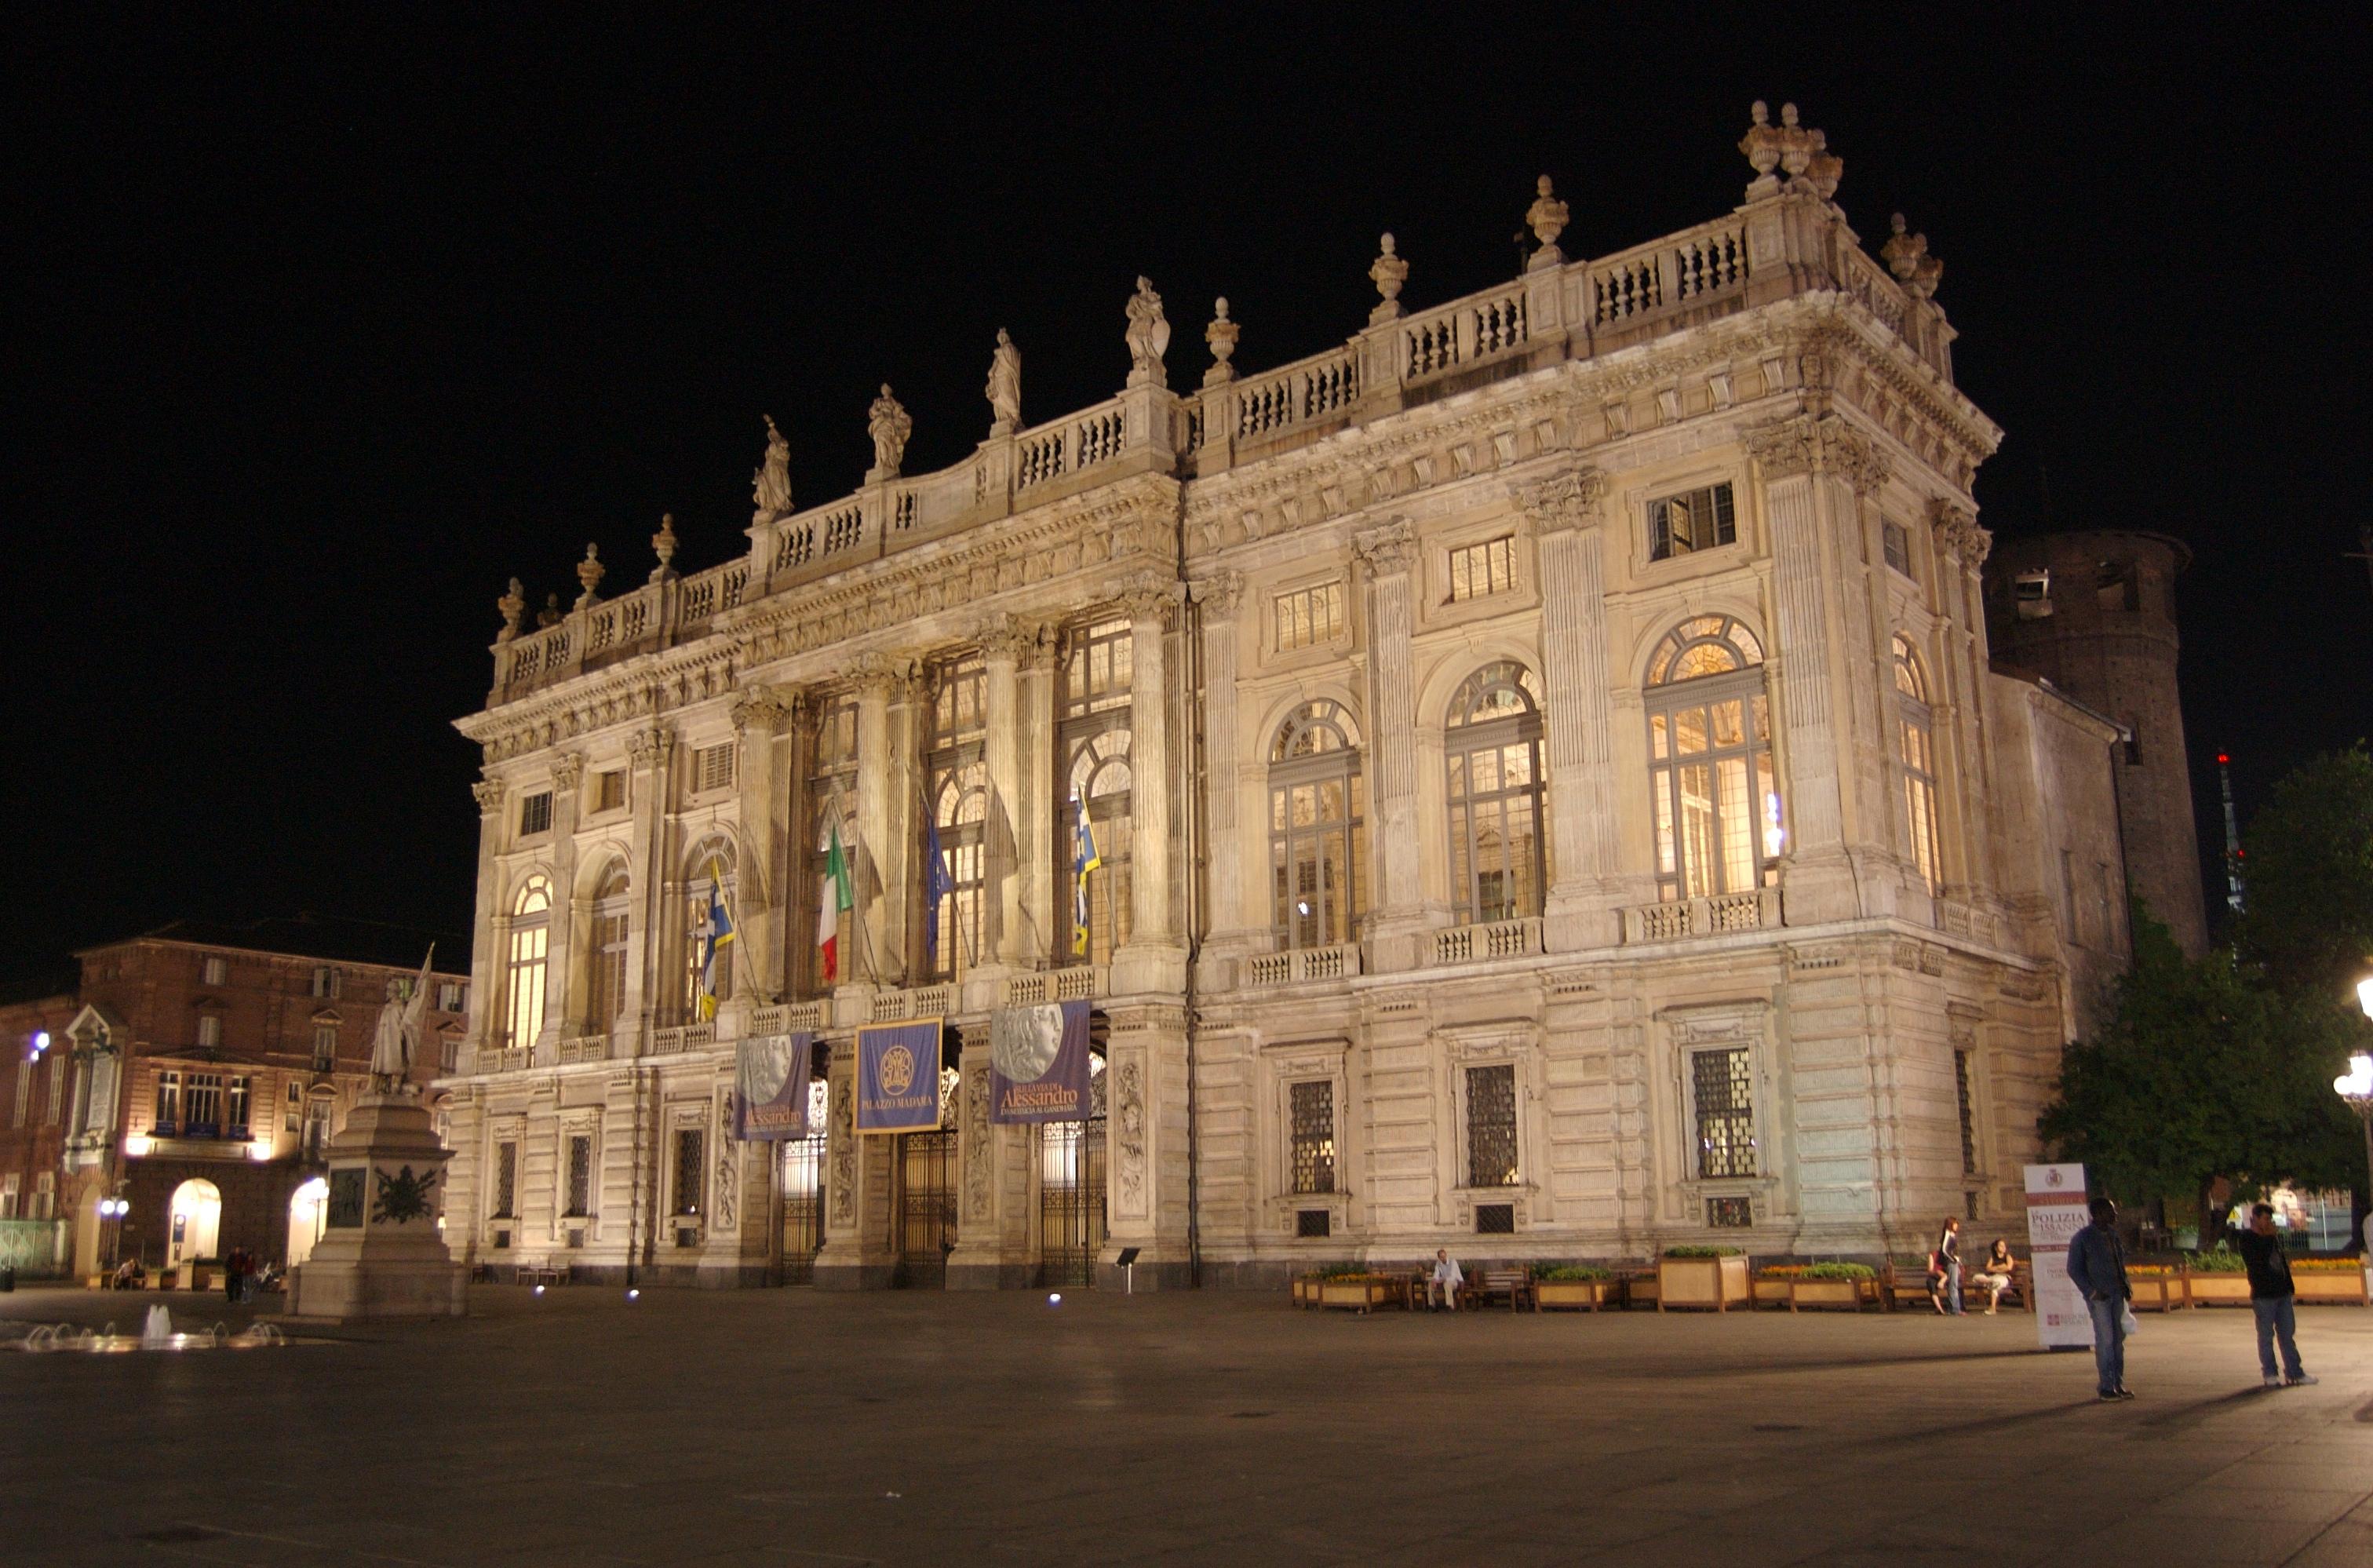 PalazzoMadamaNotte